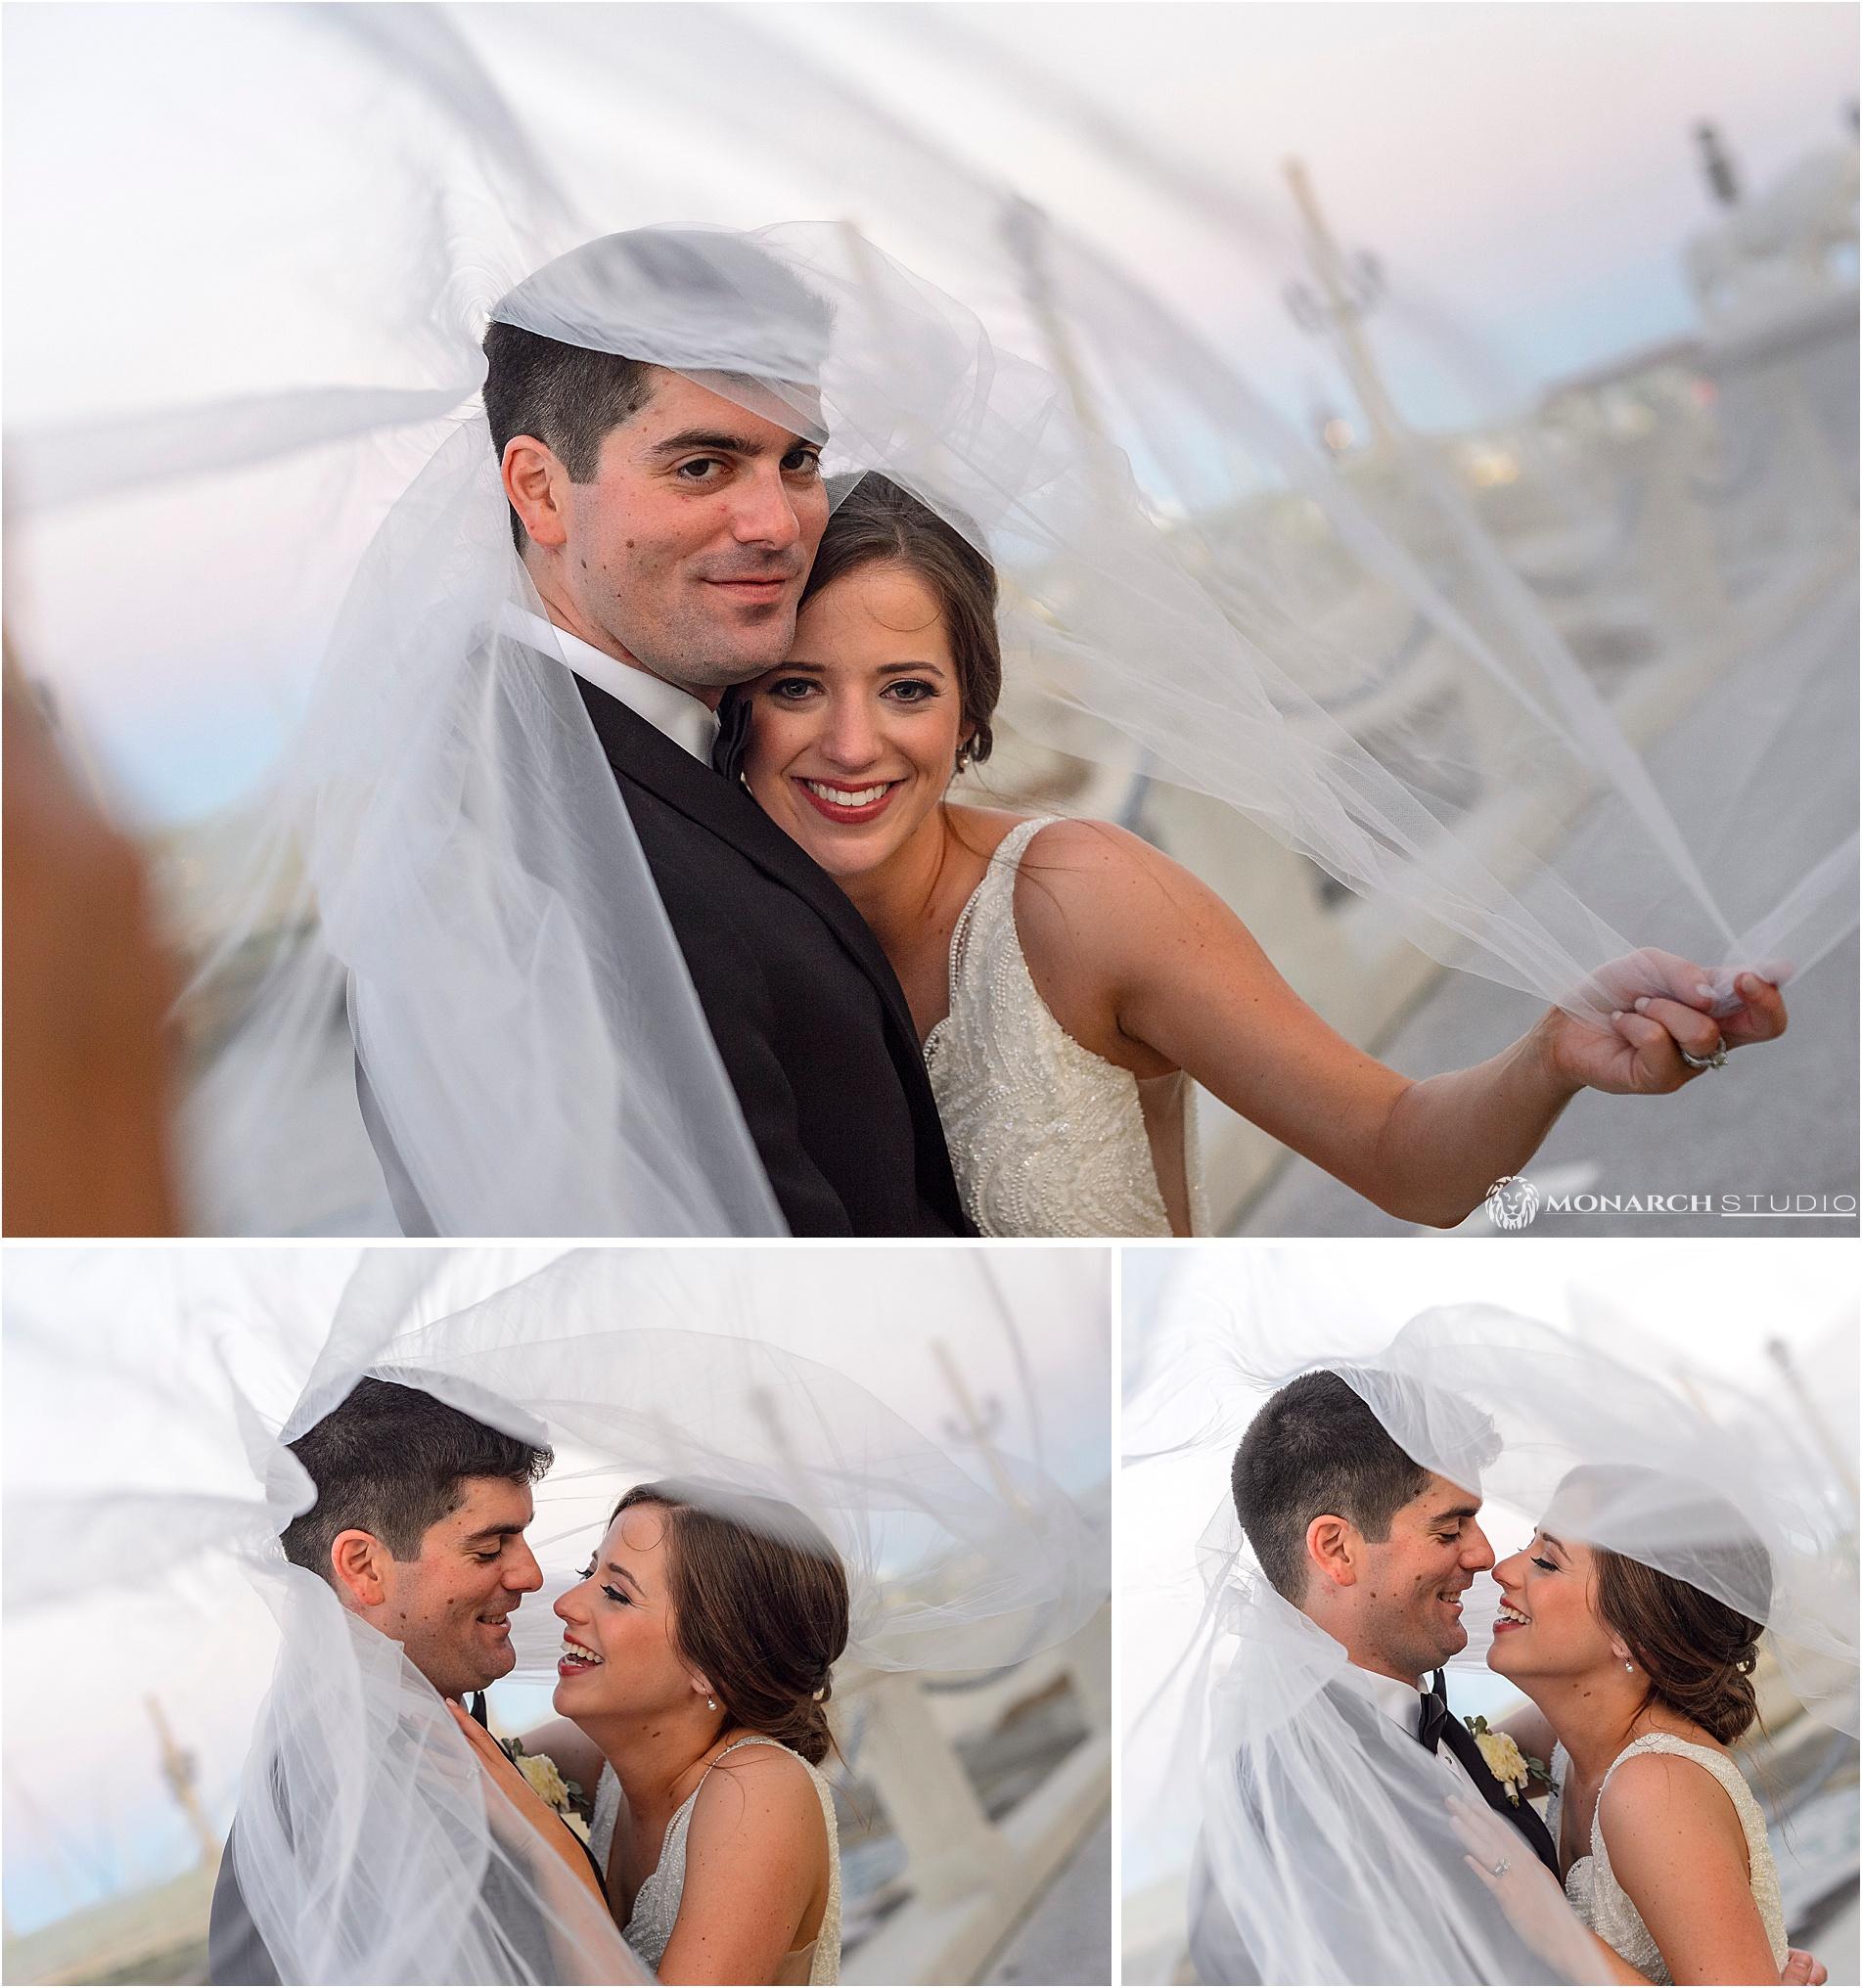 Wedding-PHotographer-in-st-augustine-2019-127.jpg